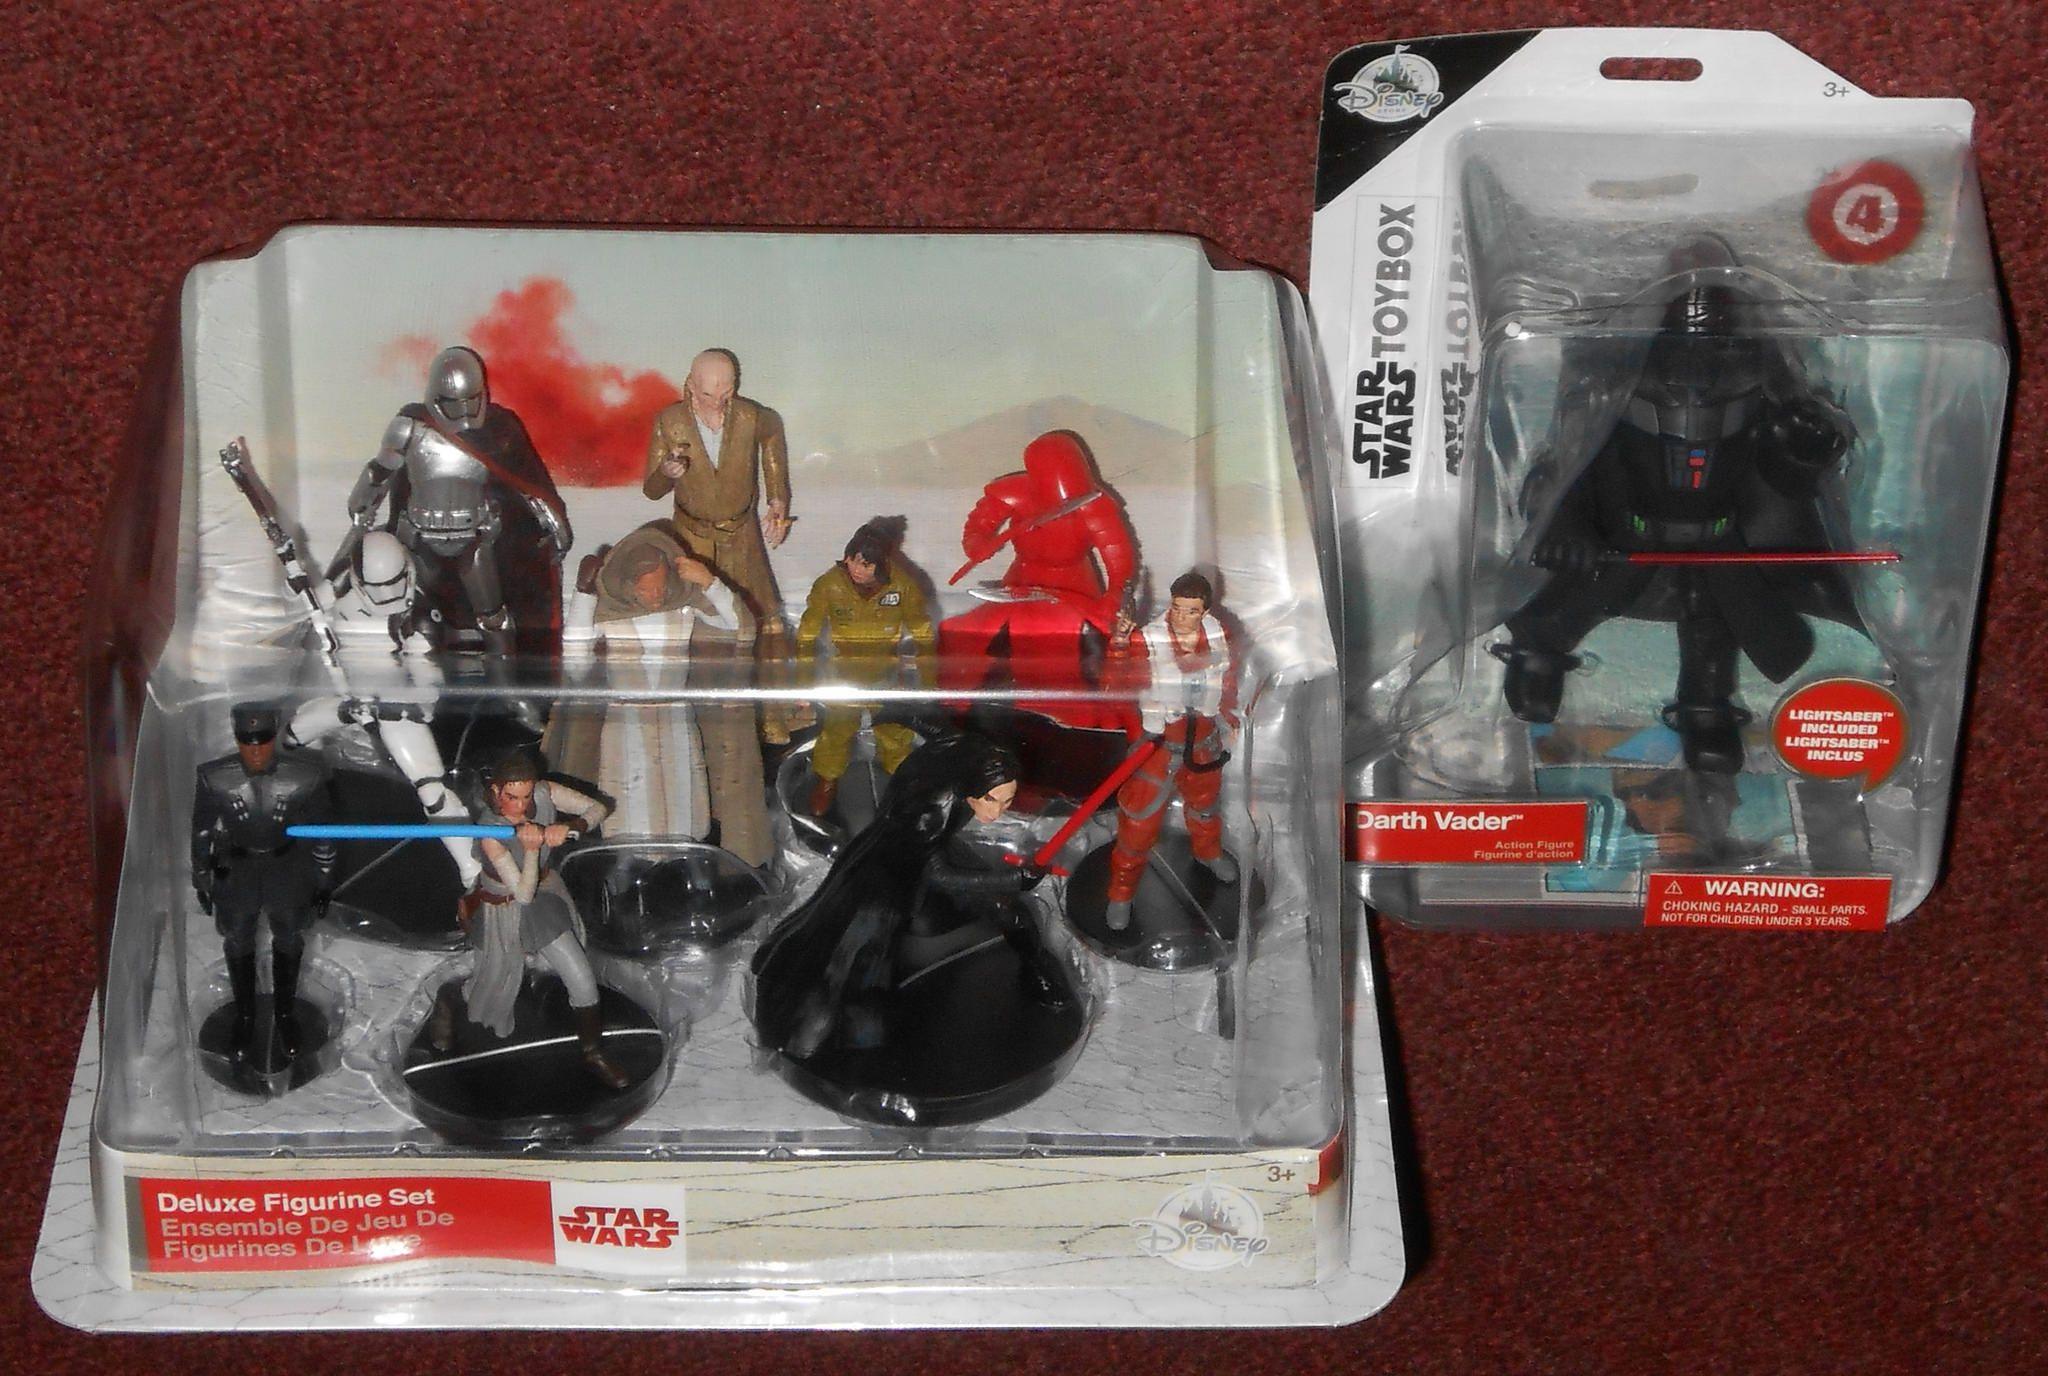 Star Wars The Last Jedi Figurine Set